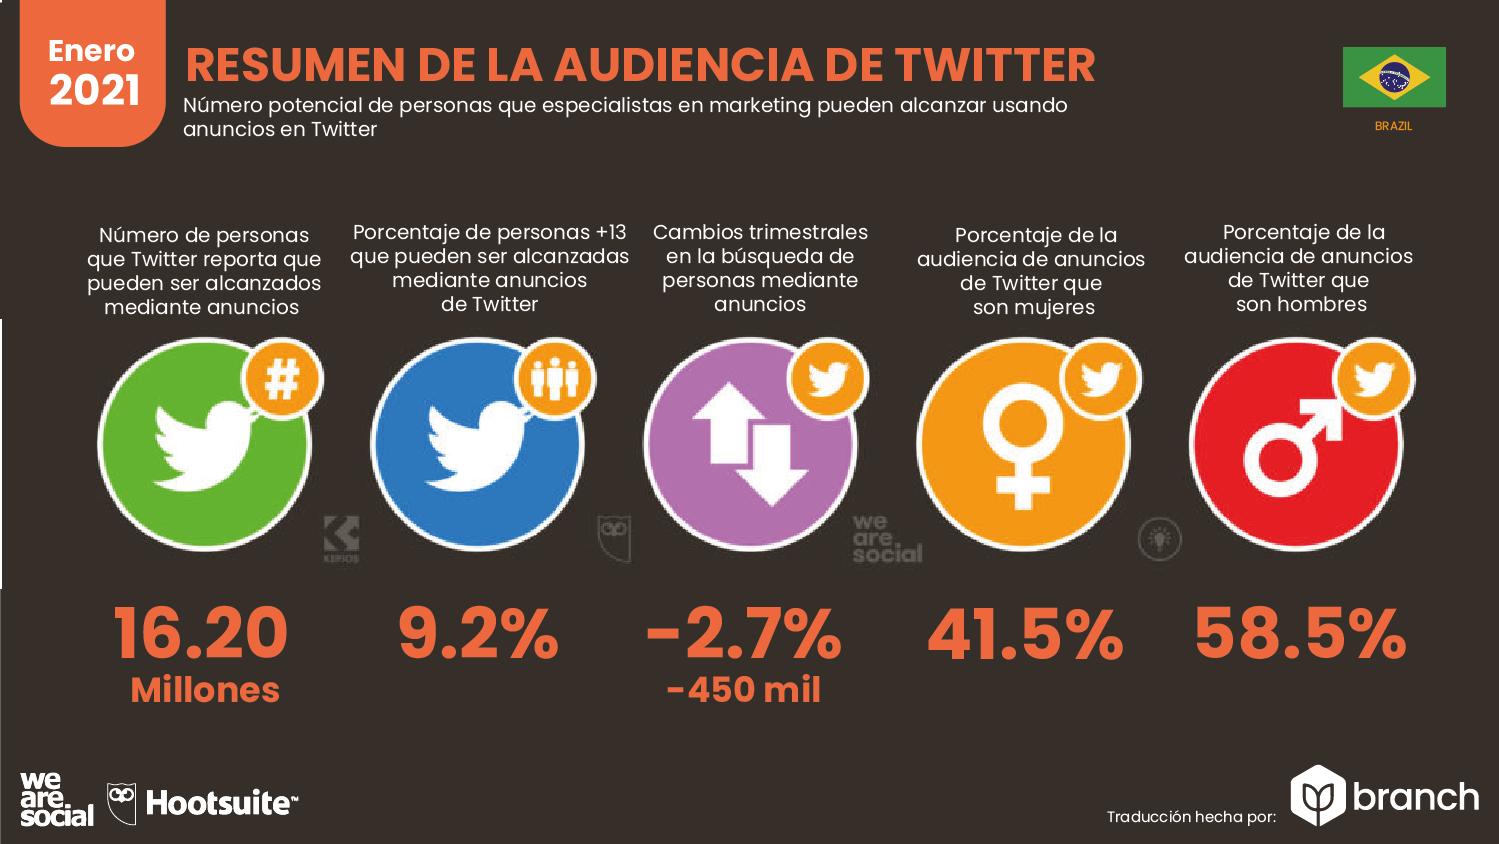 audiencia-de-twitter-en-brasil-2020-2021